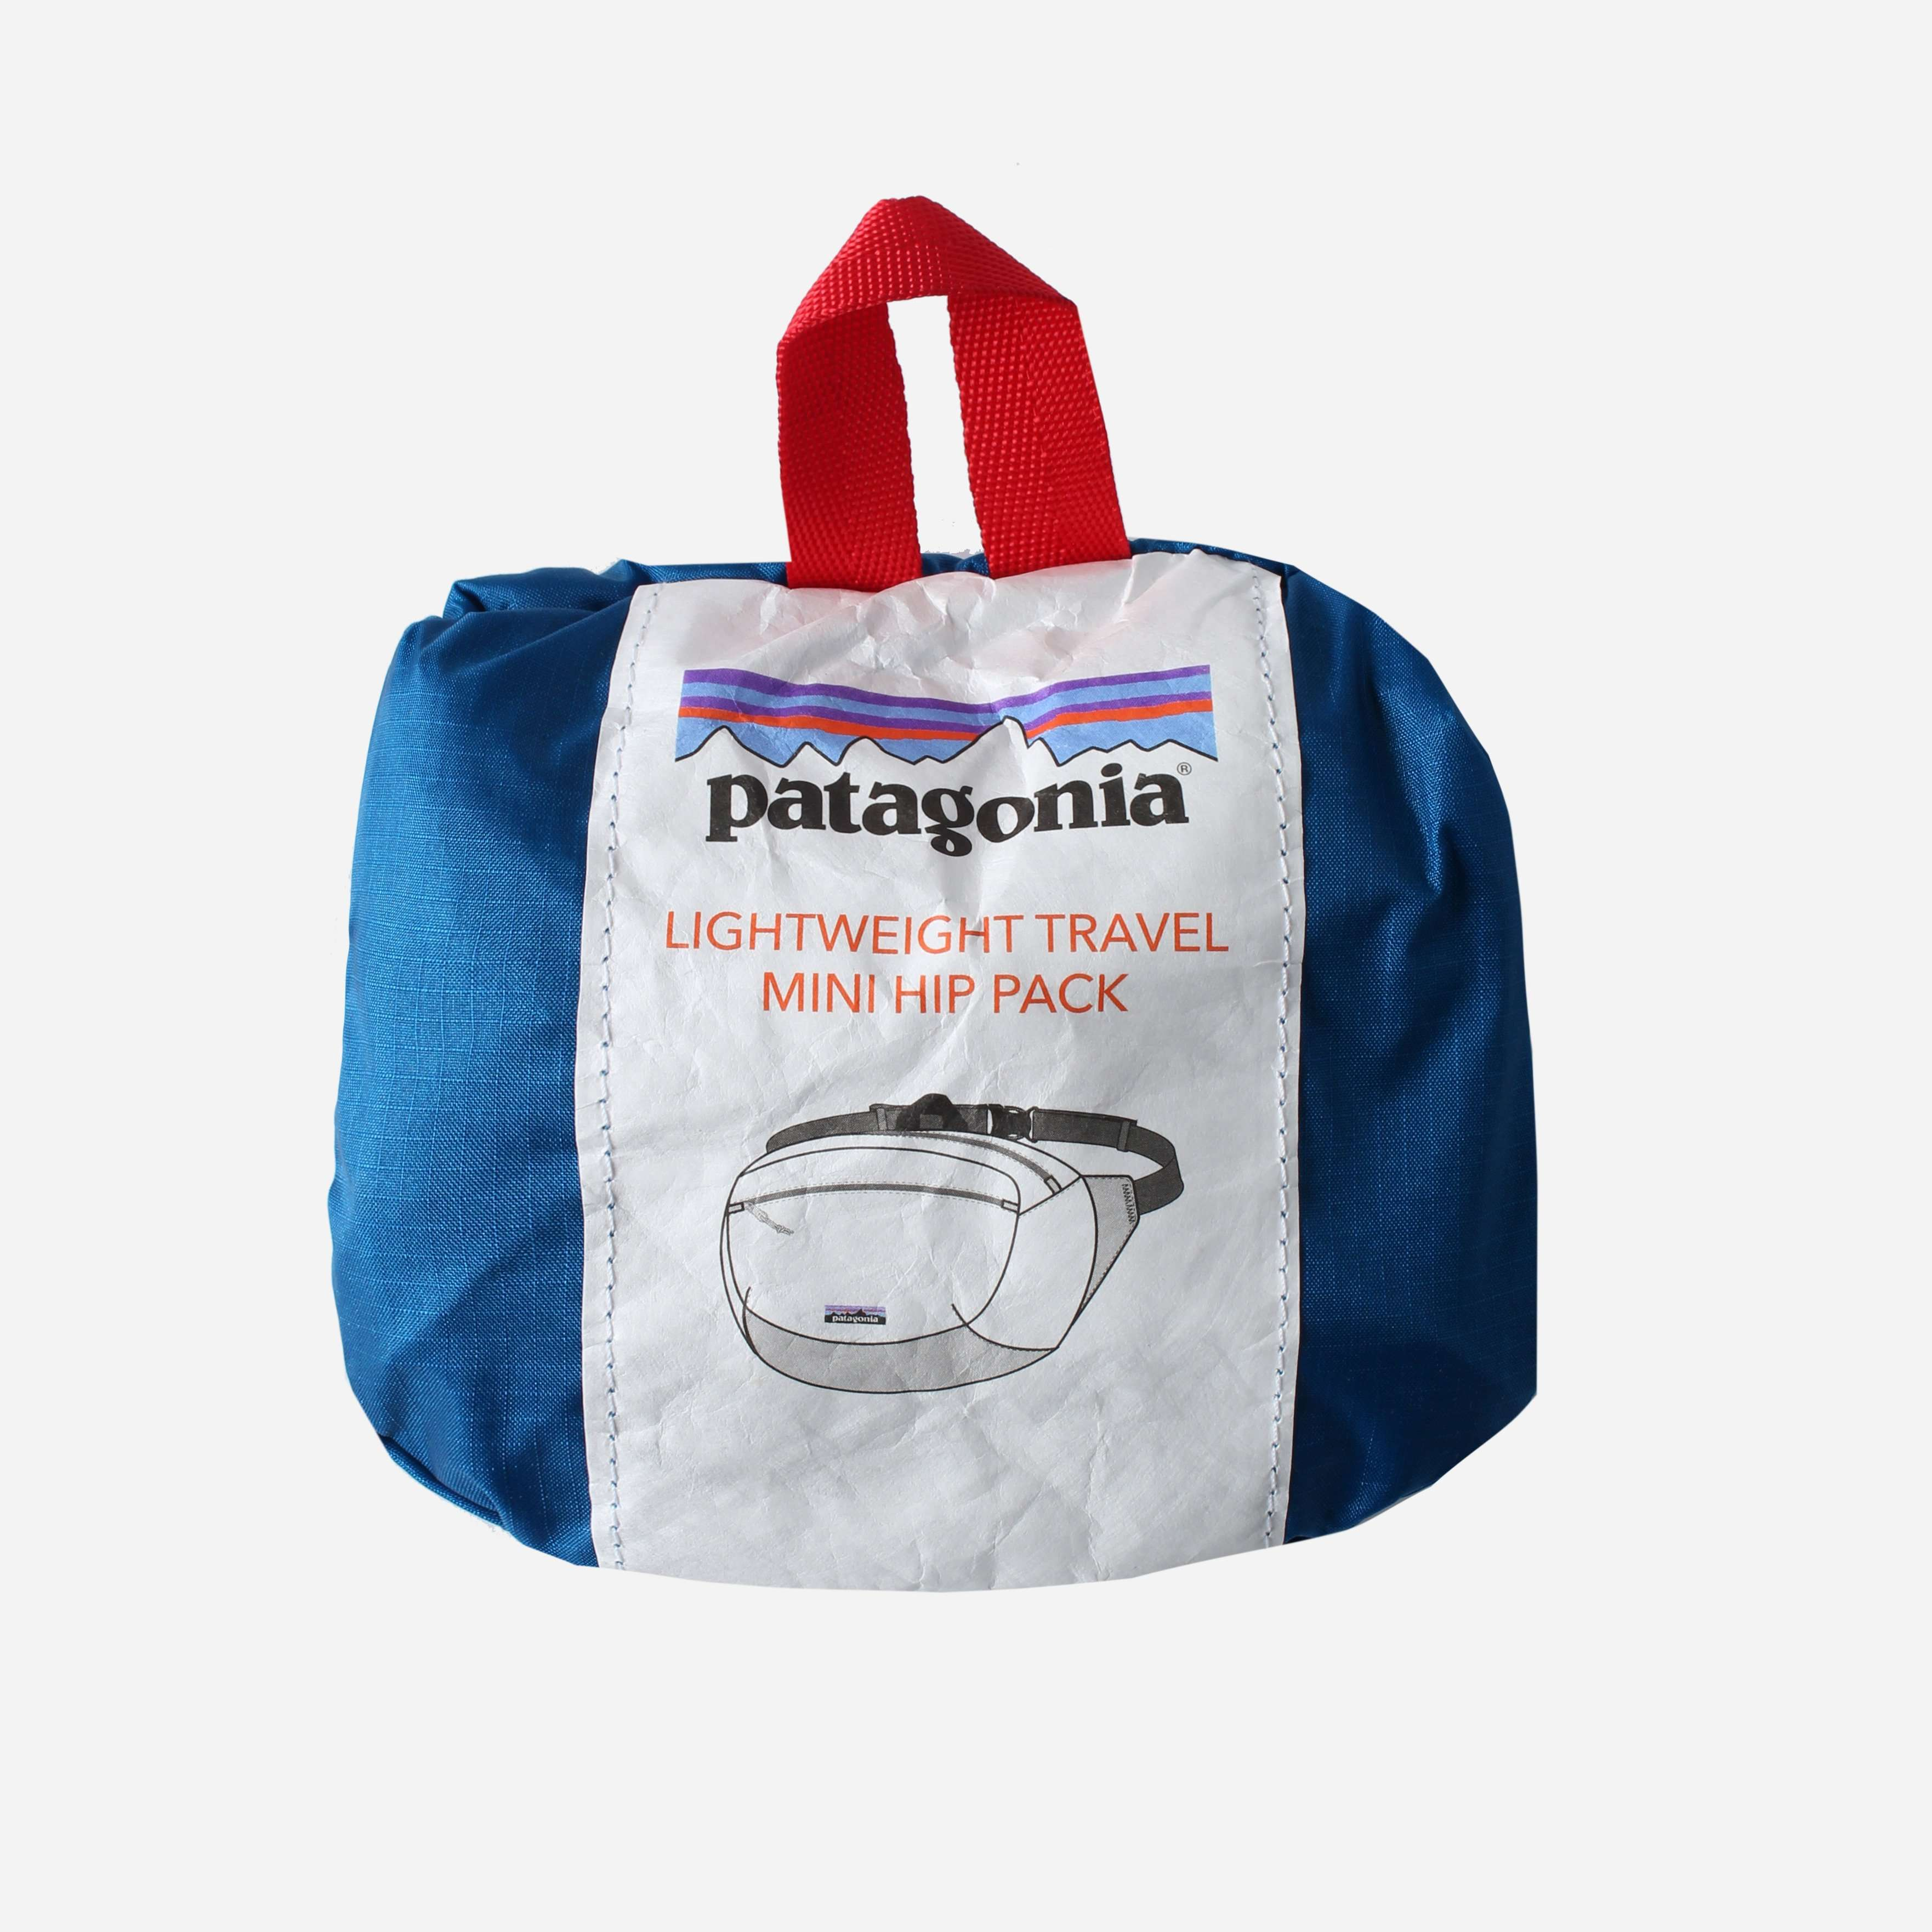 Patagonia Travel Mini Hip Pack Bag